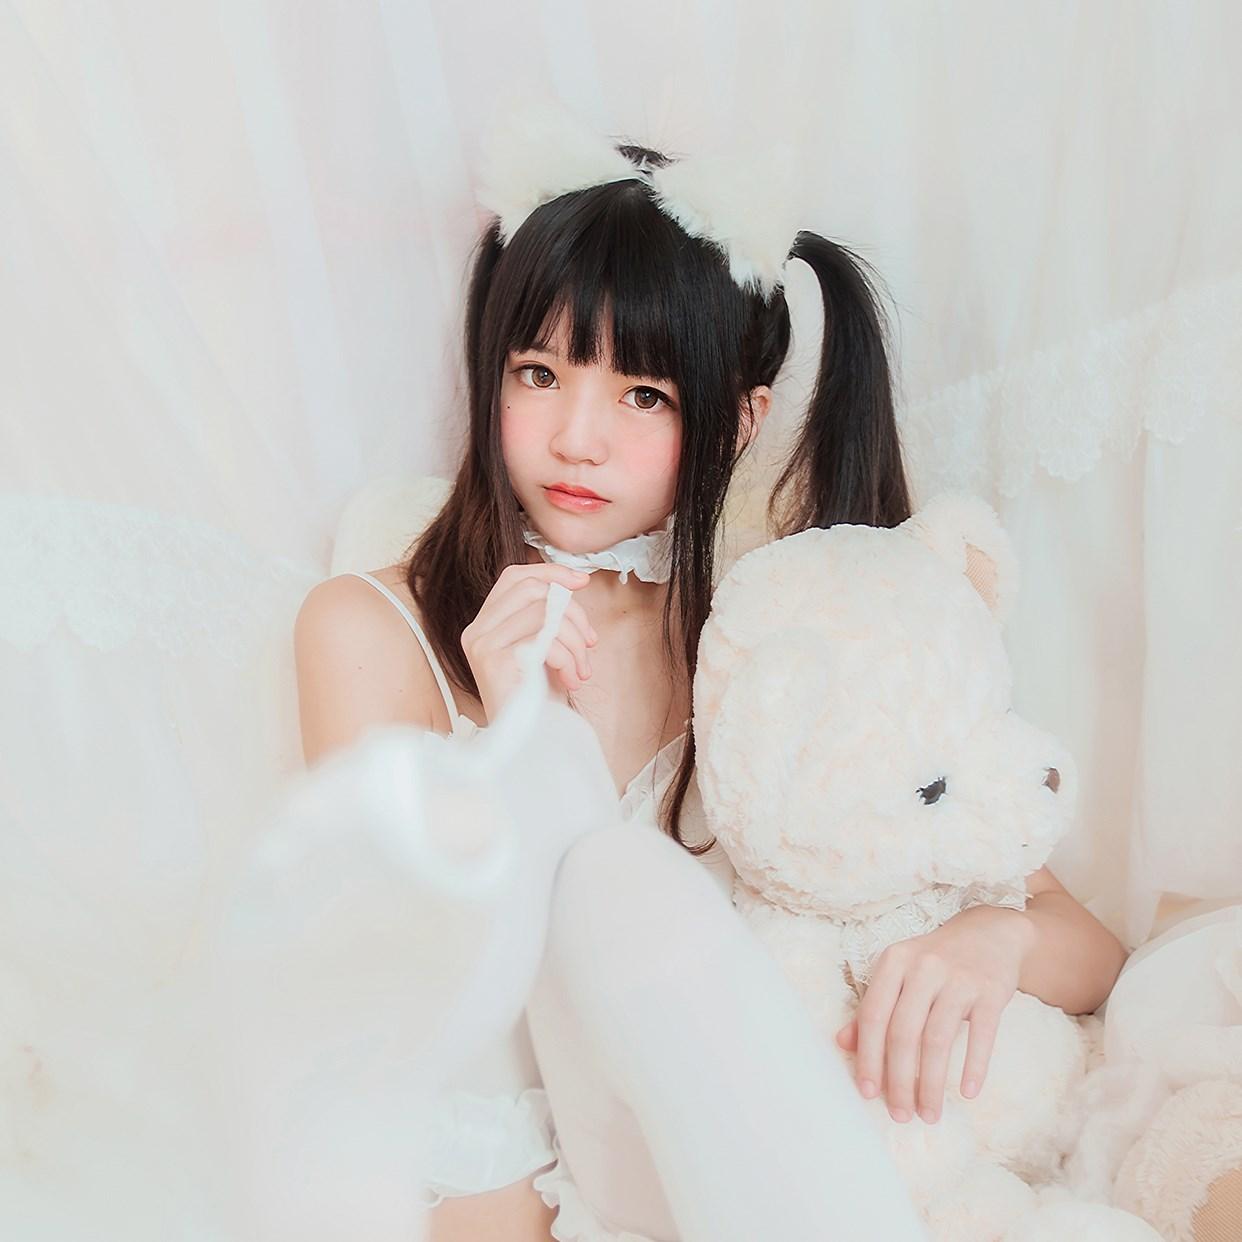 【兔玩映画】喵喵睡衣 兔玩映画 第17张